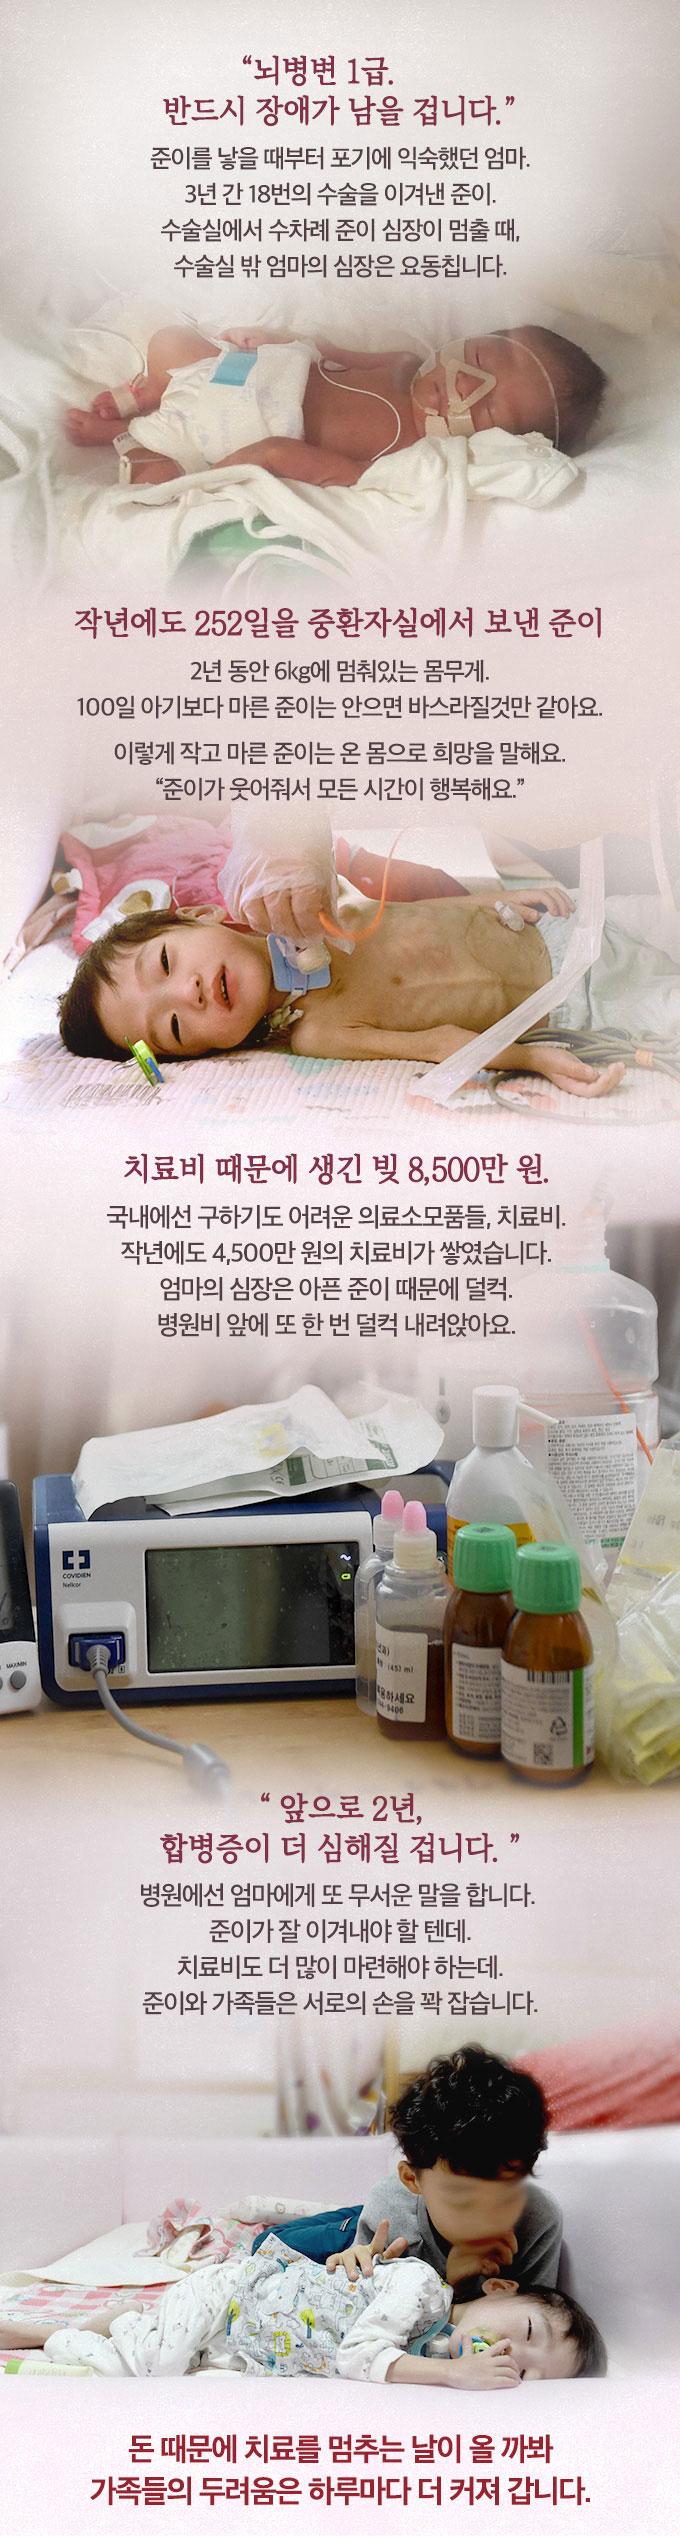 준이를 낳을 때부터 포기에 익숙했던 엄마. 3년 간 18번의 수술을 이겨낸 준이. 수술실에서 수차례 준이 심장이 멈출 때, 수술실 밖 엄마의 심장은 요동칩니다. 2년 동안 6kg에 멈춰있는 몸무게. 100일 아기보다 마른 준이는 안으면 바스라질것만 같아요. 이렇게 작고 마른 준이는 온 몸으로 희망을 말해요. 국내에선 구하기도 어려운 의료소모품들, 치료비. 작년에도 4,500만 원의 치료비가 쌓였습니다. 돈 때문에 치료를 멈추는 날이 올까봐 가족들의 두려움은 하루마다 더 커져 갑니다.